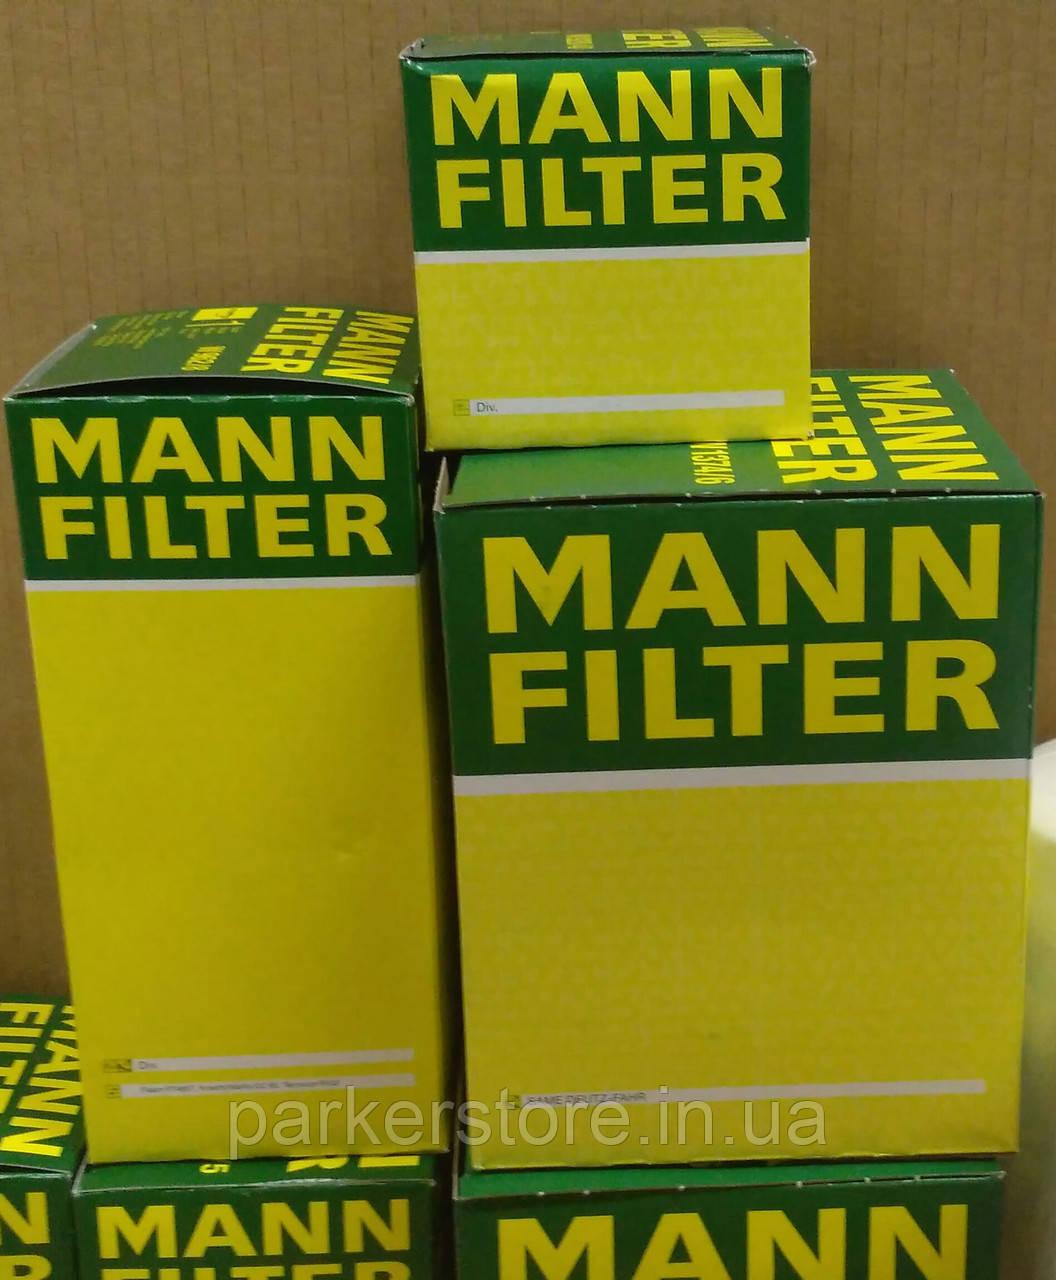 MANN FILTER / Повітряний фільтр / C 27 998/3 / C27998/3